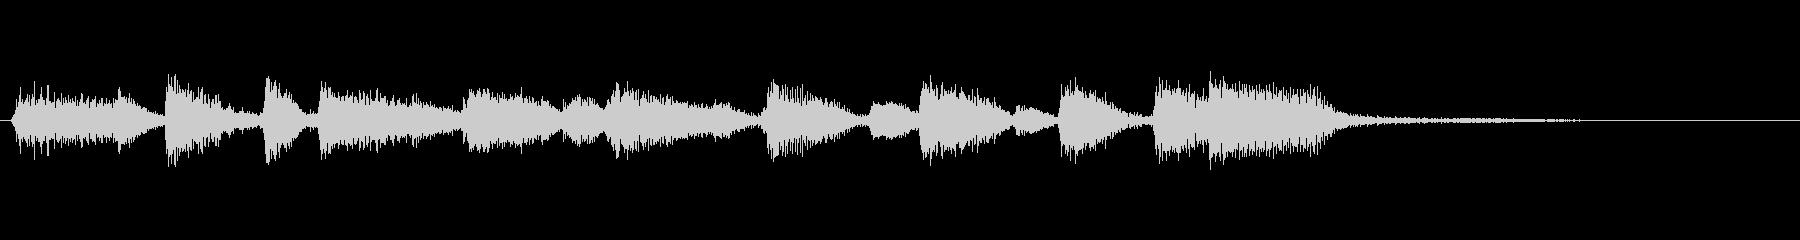 企業ロゴ表示用サウンドロゴ3 ピアノのみの未再生の波形